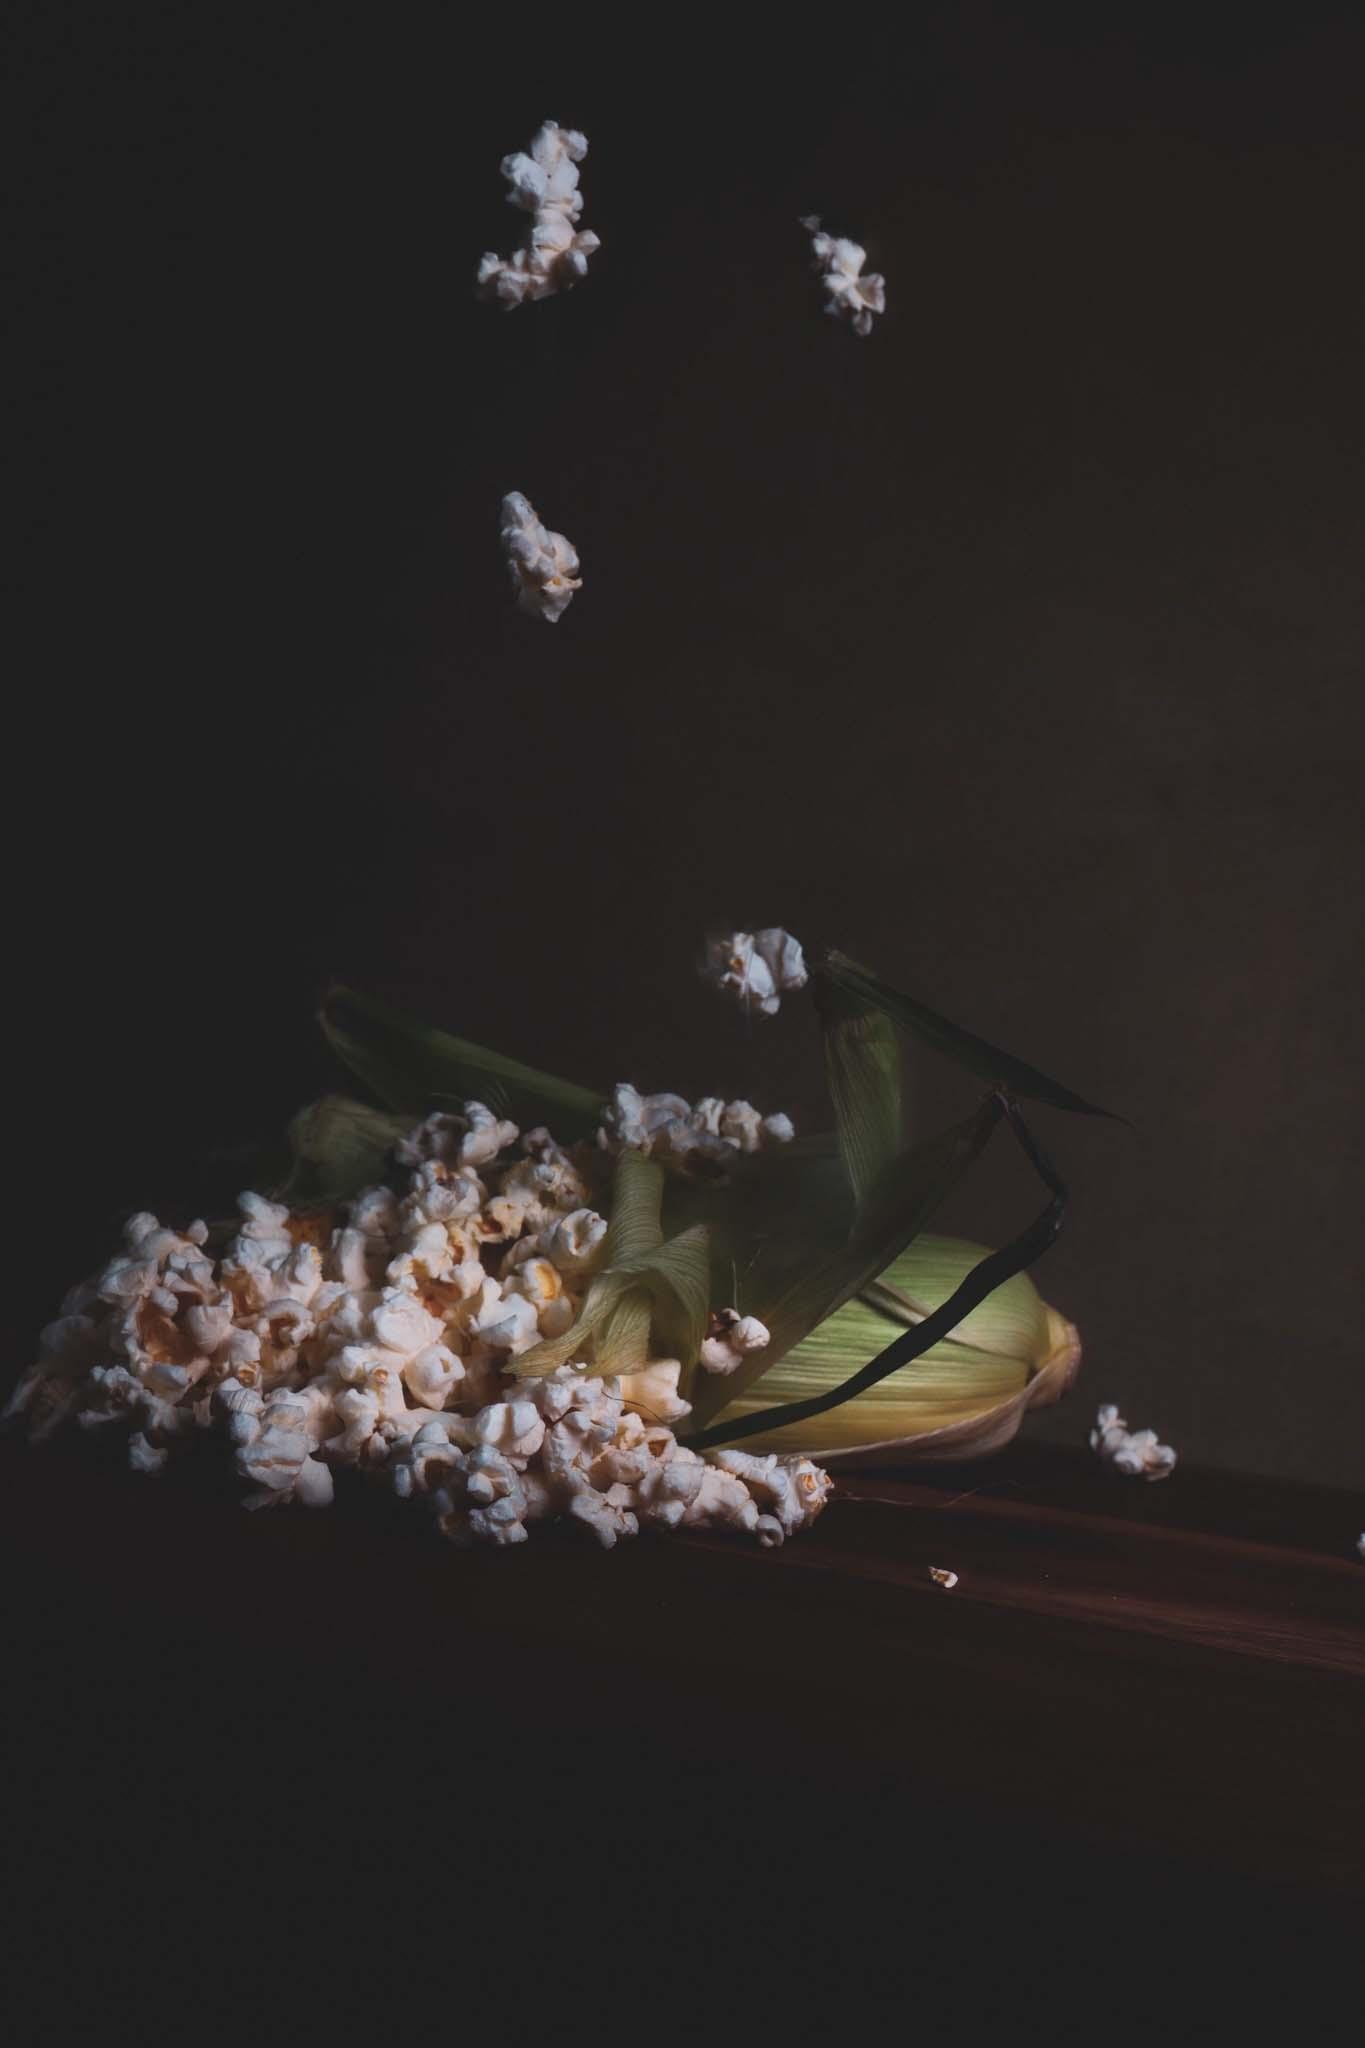 popcorn som faller bildkonst